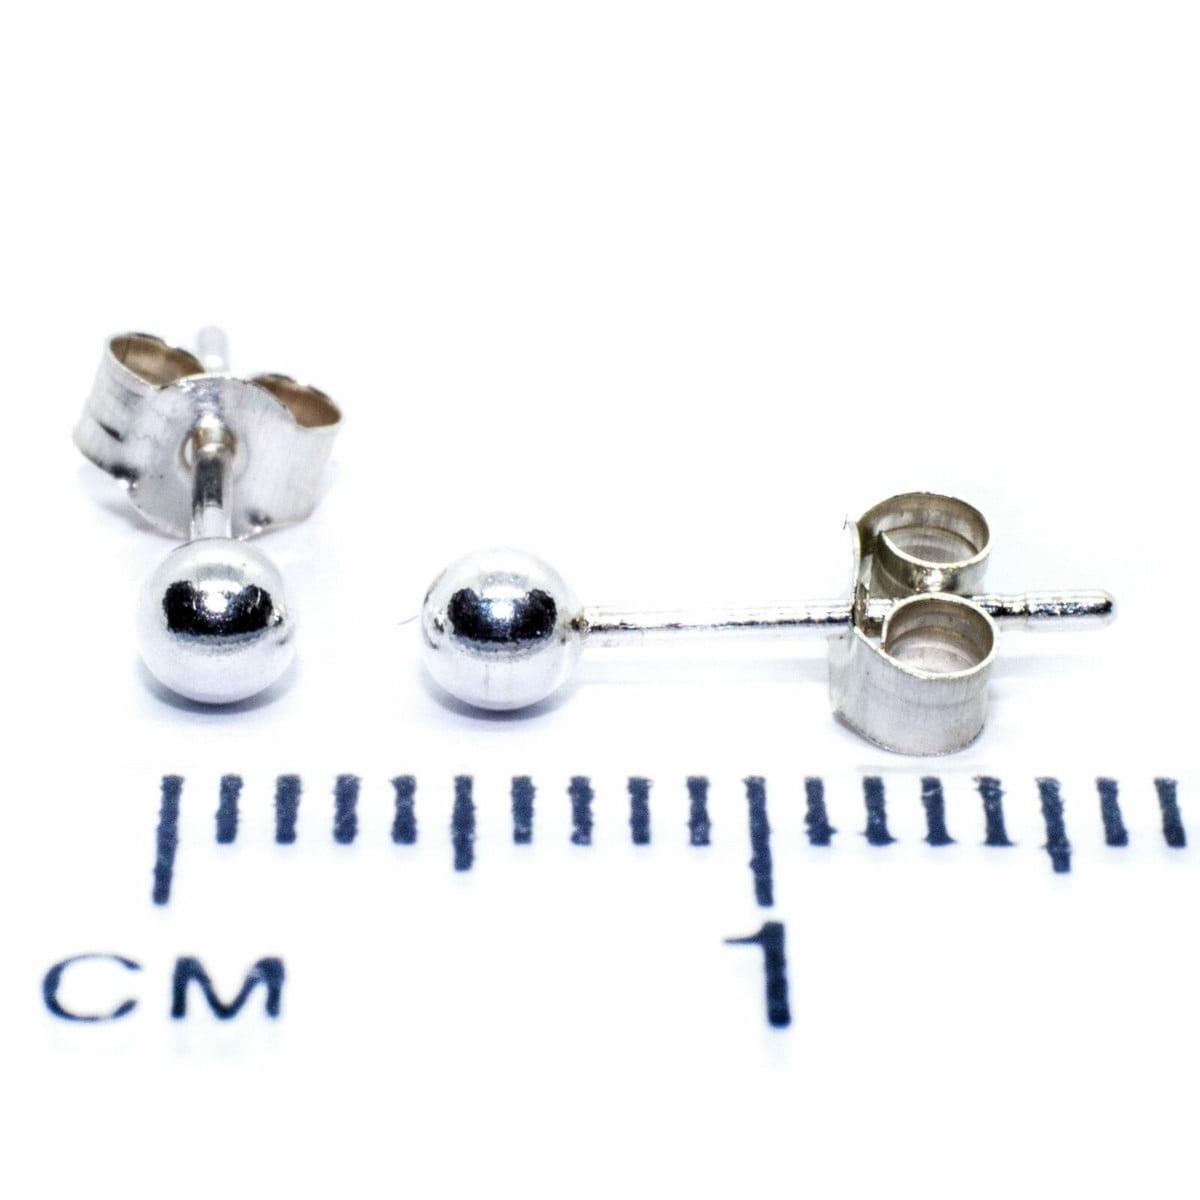 3 mm ball stud earrings in sterling silver 2